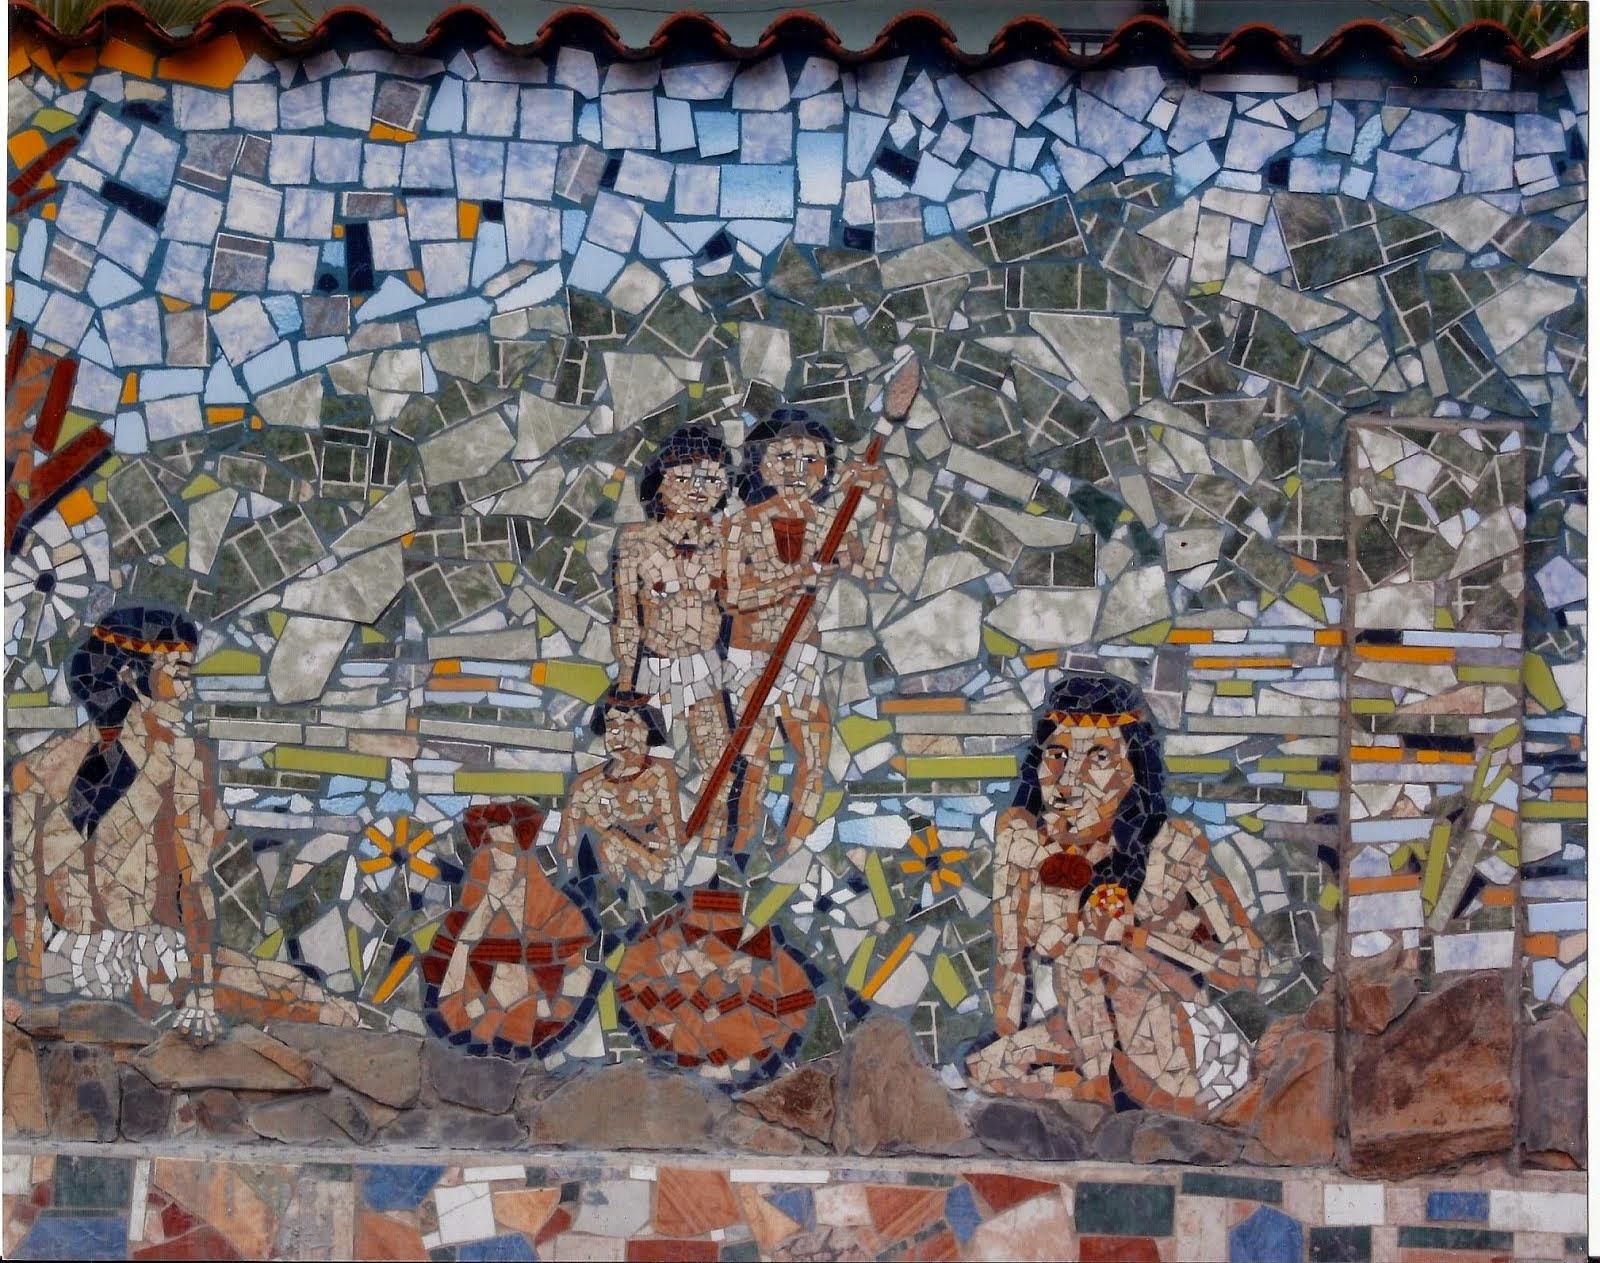 Fragmento del Mural Meregoto